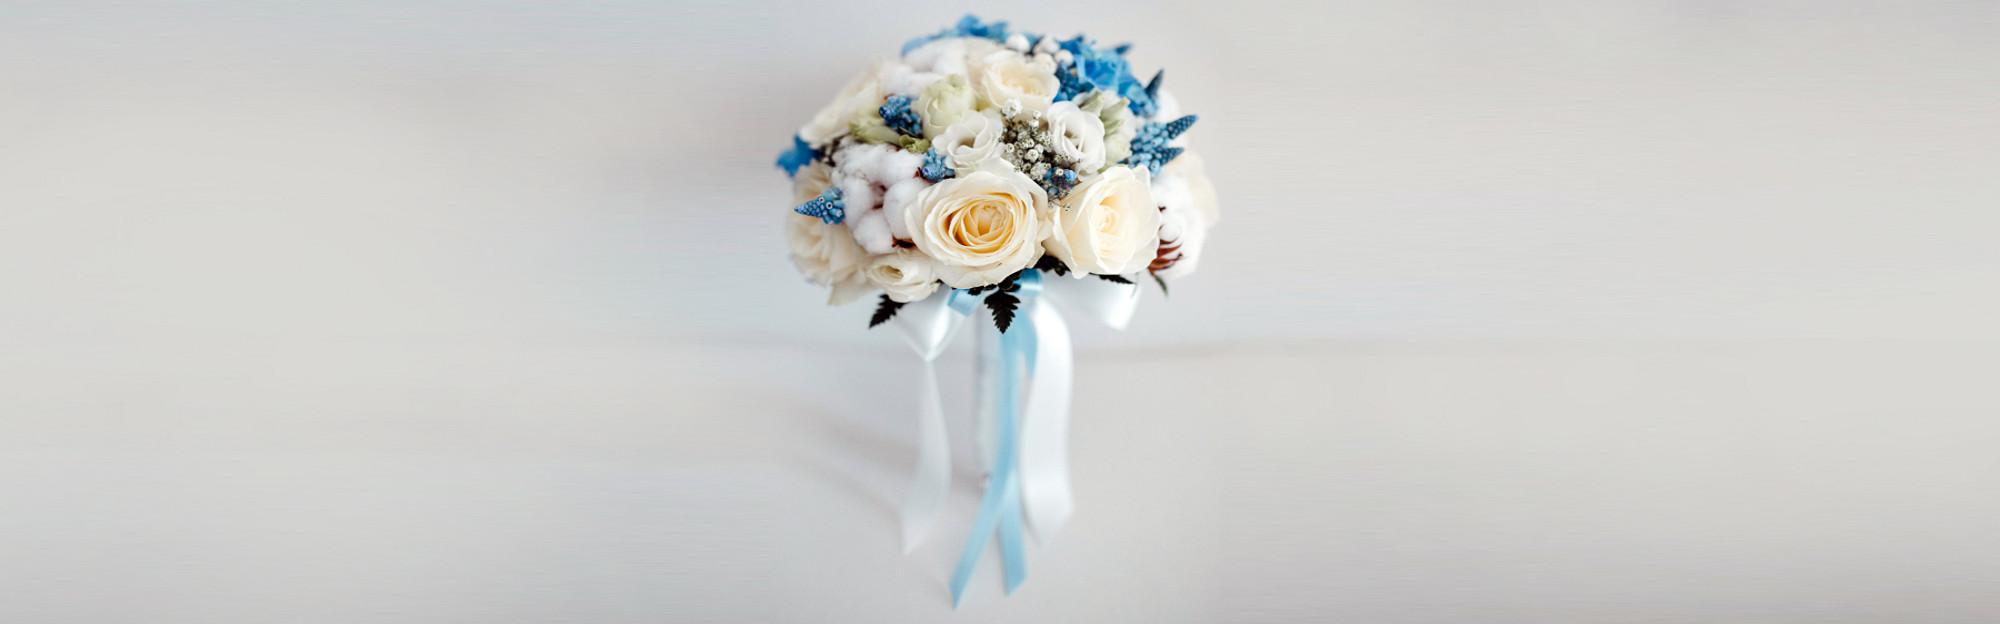 Matrimonio Rustico Brianza : Matrimonio invernale sposarsi d inverno location idee cosa